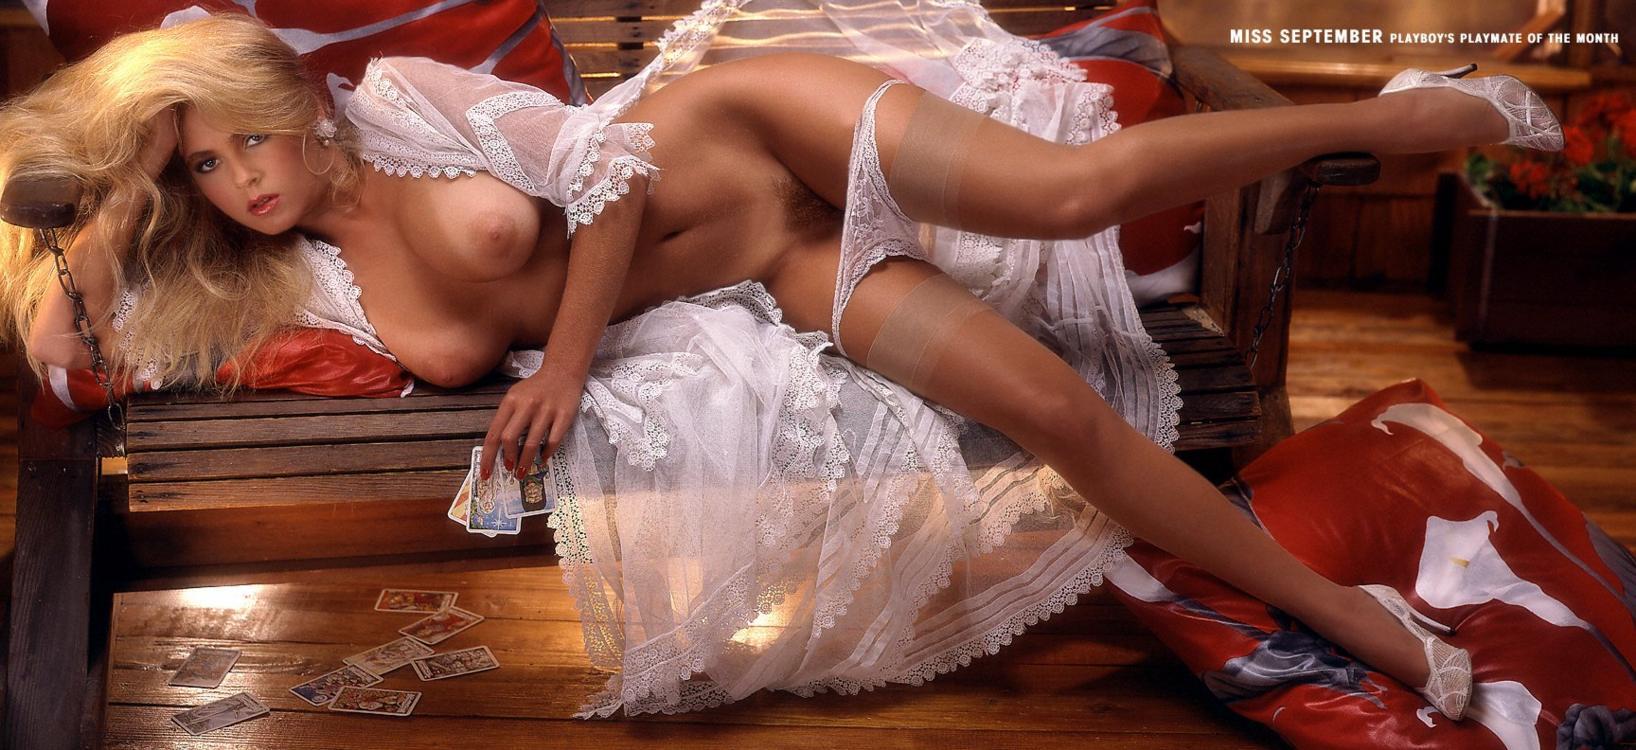 Смотреть онлайн бесплатно и без регистрации плейбой сексуальные соседки фото 188-536